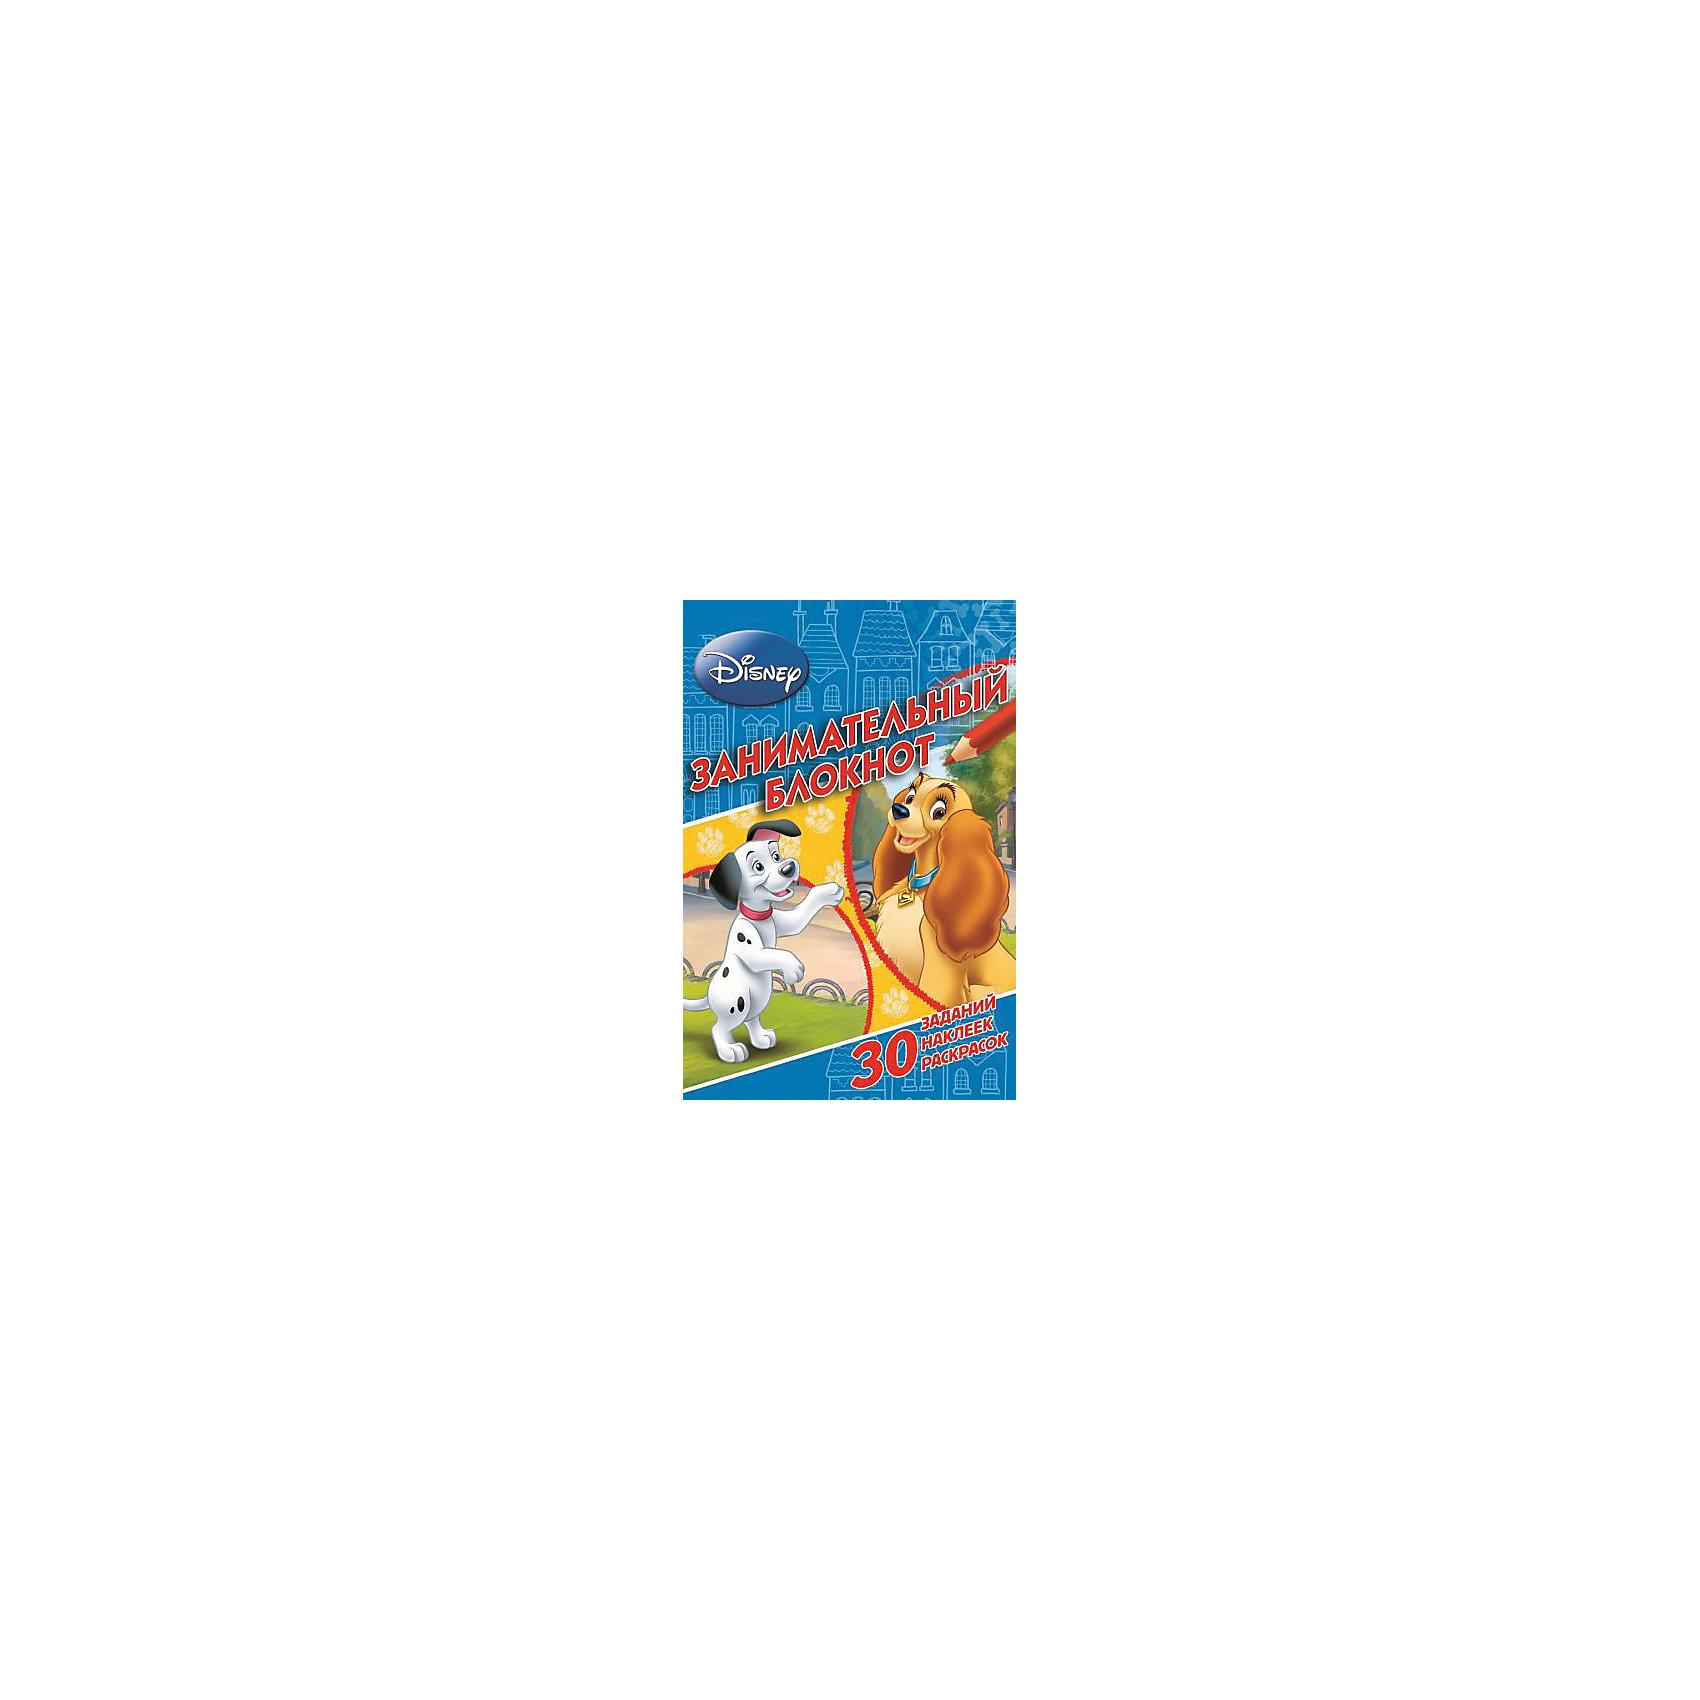 Раскраски с наклейками Занимательный блокнот, DisneyЗанимательный блокнот Классические персонажи Дисней – это красочное издание с героями Disney сделает досуг вашего малыша веселей и интереснее.<br>Персонажи известных мультфильмов Уолта Диснея ждут малышей на страницах занимательного блокнота. В нем ваш ребенок найдет раскраски с ярким контуром, увлекательные задания, красочные наклейки и яркие цветные иллюстрации! Для детей младшего школьного возраста.<br><br>Дополнительная информация:<br><br>- Редактор: Баталина Вера<br>- Издательство: Эгмонт, 2015 г.<br>- Серия: Занимательный блокнот<br>- Тип обложки: мягкий переплет (крепление скрепкой или клеем)<br>- Оформление: с наклейками<br>- Иллюстрации: черно-белые, цветные<br>- Количество страниц: 64 (офсет)<br>- Размер: 207x140x7 мм.<br>- Вес: 154 гр.<br><br>Занимательный блокнот Классические персонажи Дисней можно купить в нашем интернет-магазине.<br><br>Ширина мм: 207<br>Глубина мм: 140<br>Высота мм: 7<br>Вес г: 140<br>Возраст от месяцев: 72<br>Возраст до месяцев: 144<br>Пол: Унисекс<br>Возраст: Детский<br>SKU: 4400514